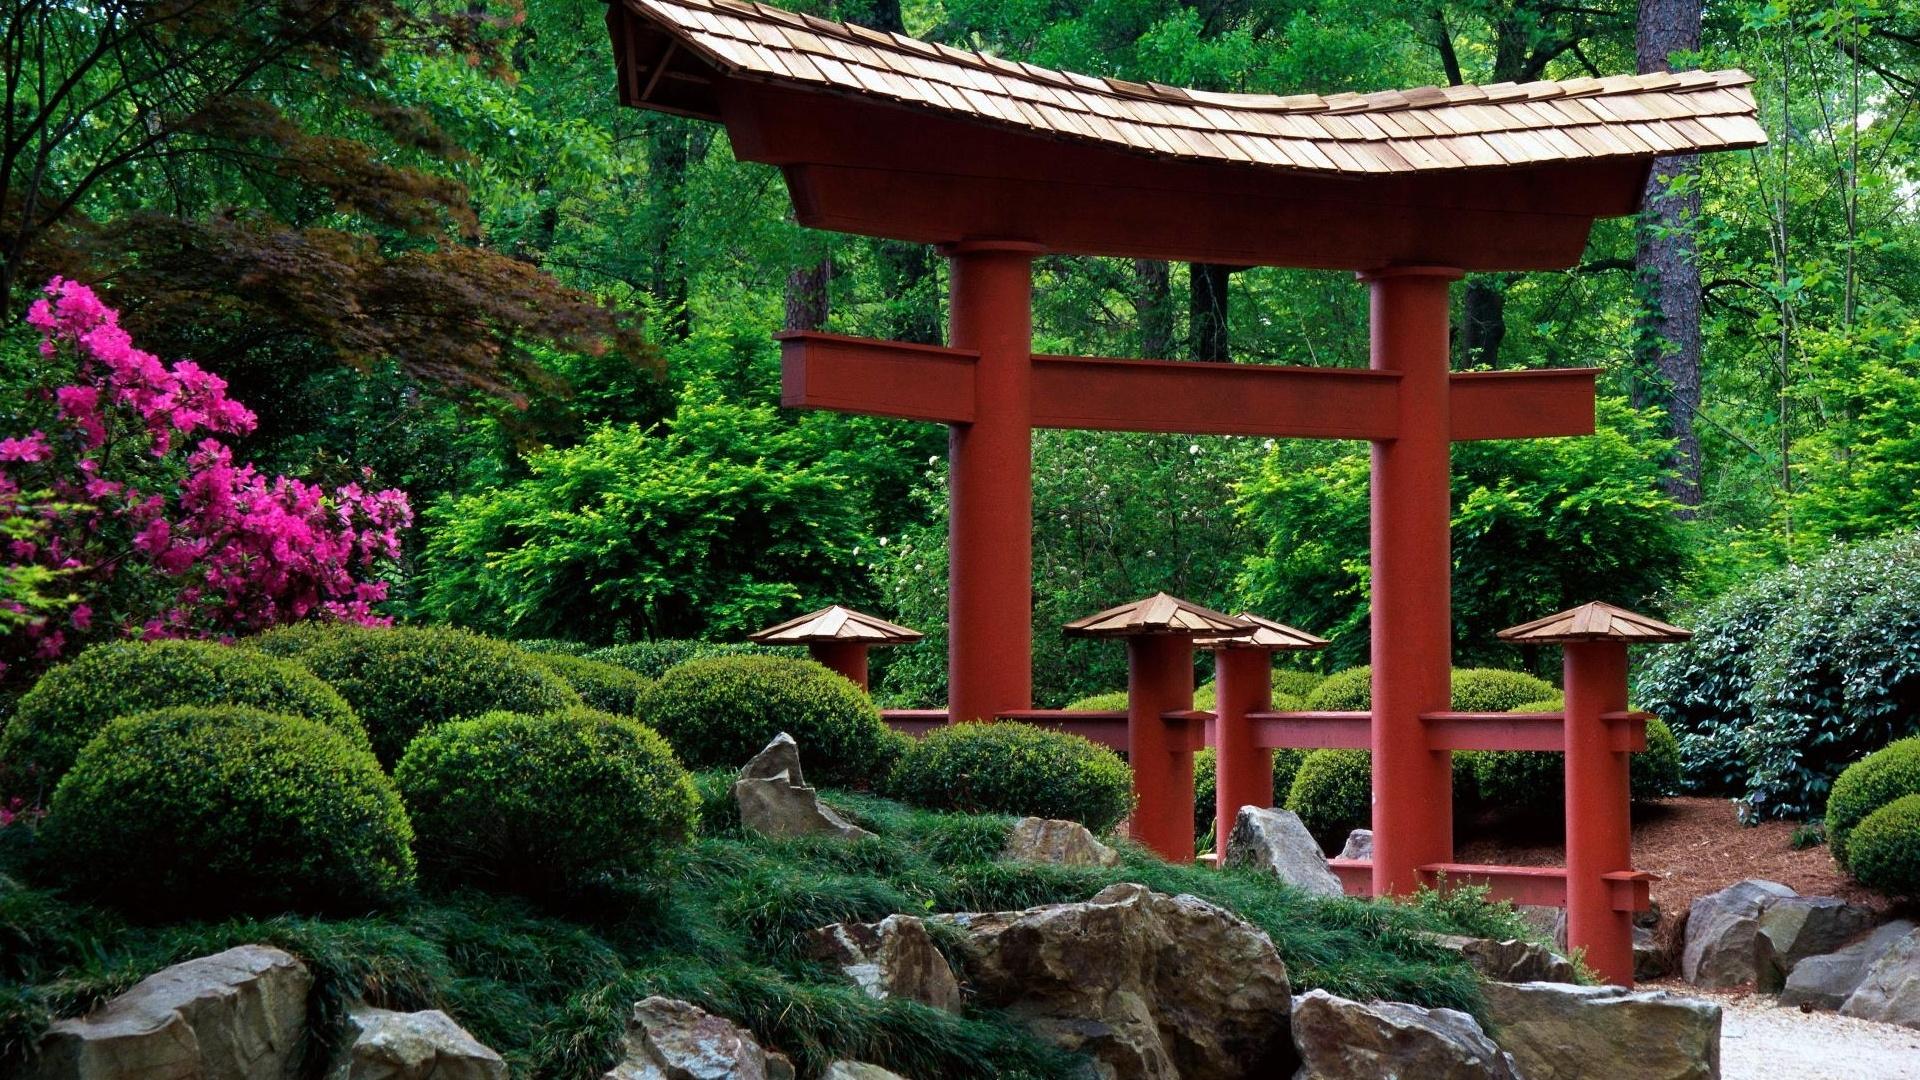 Beautiful garden in the Japanese style HD Desktop Wallpaper HD 1920x1080